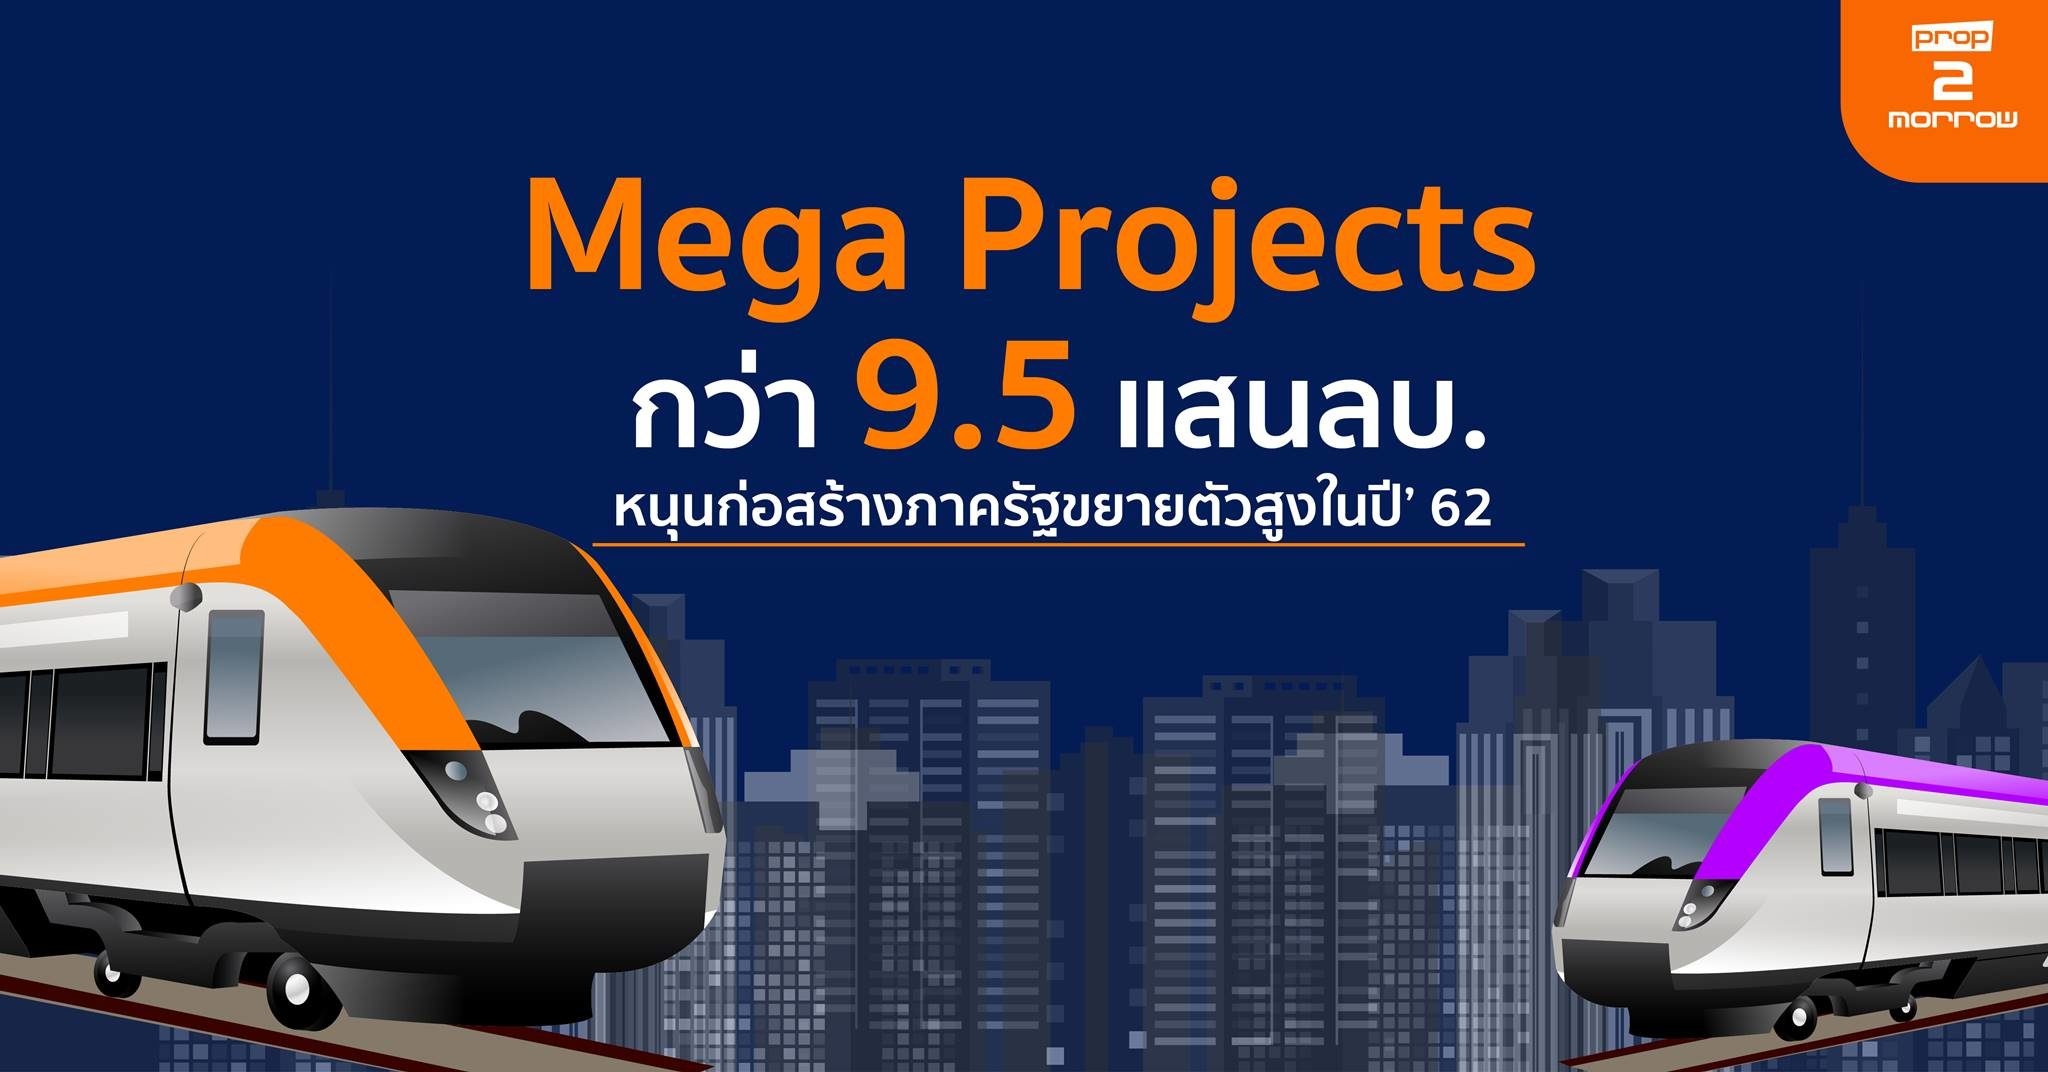 ปี 62ก่อสร้างภาครัฐมีศักยภาพขยายตัวสูงกว่าปี 61จากแรงหนุนของMega Projects | Prop2Morrow บ้าน คอนโด ข่าวอสังหาฯ